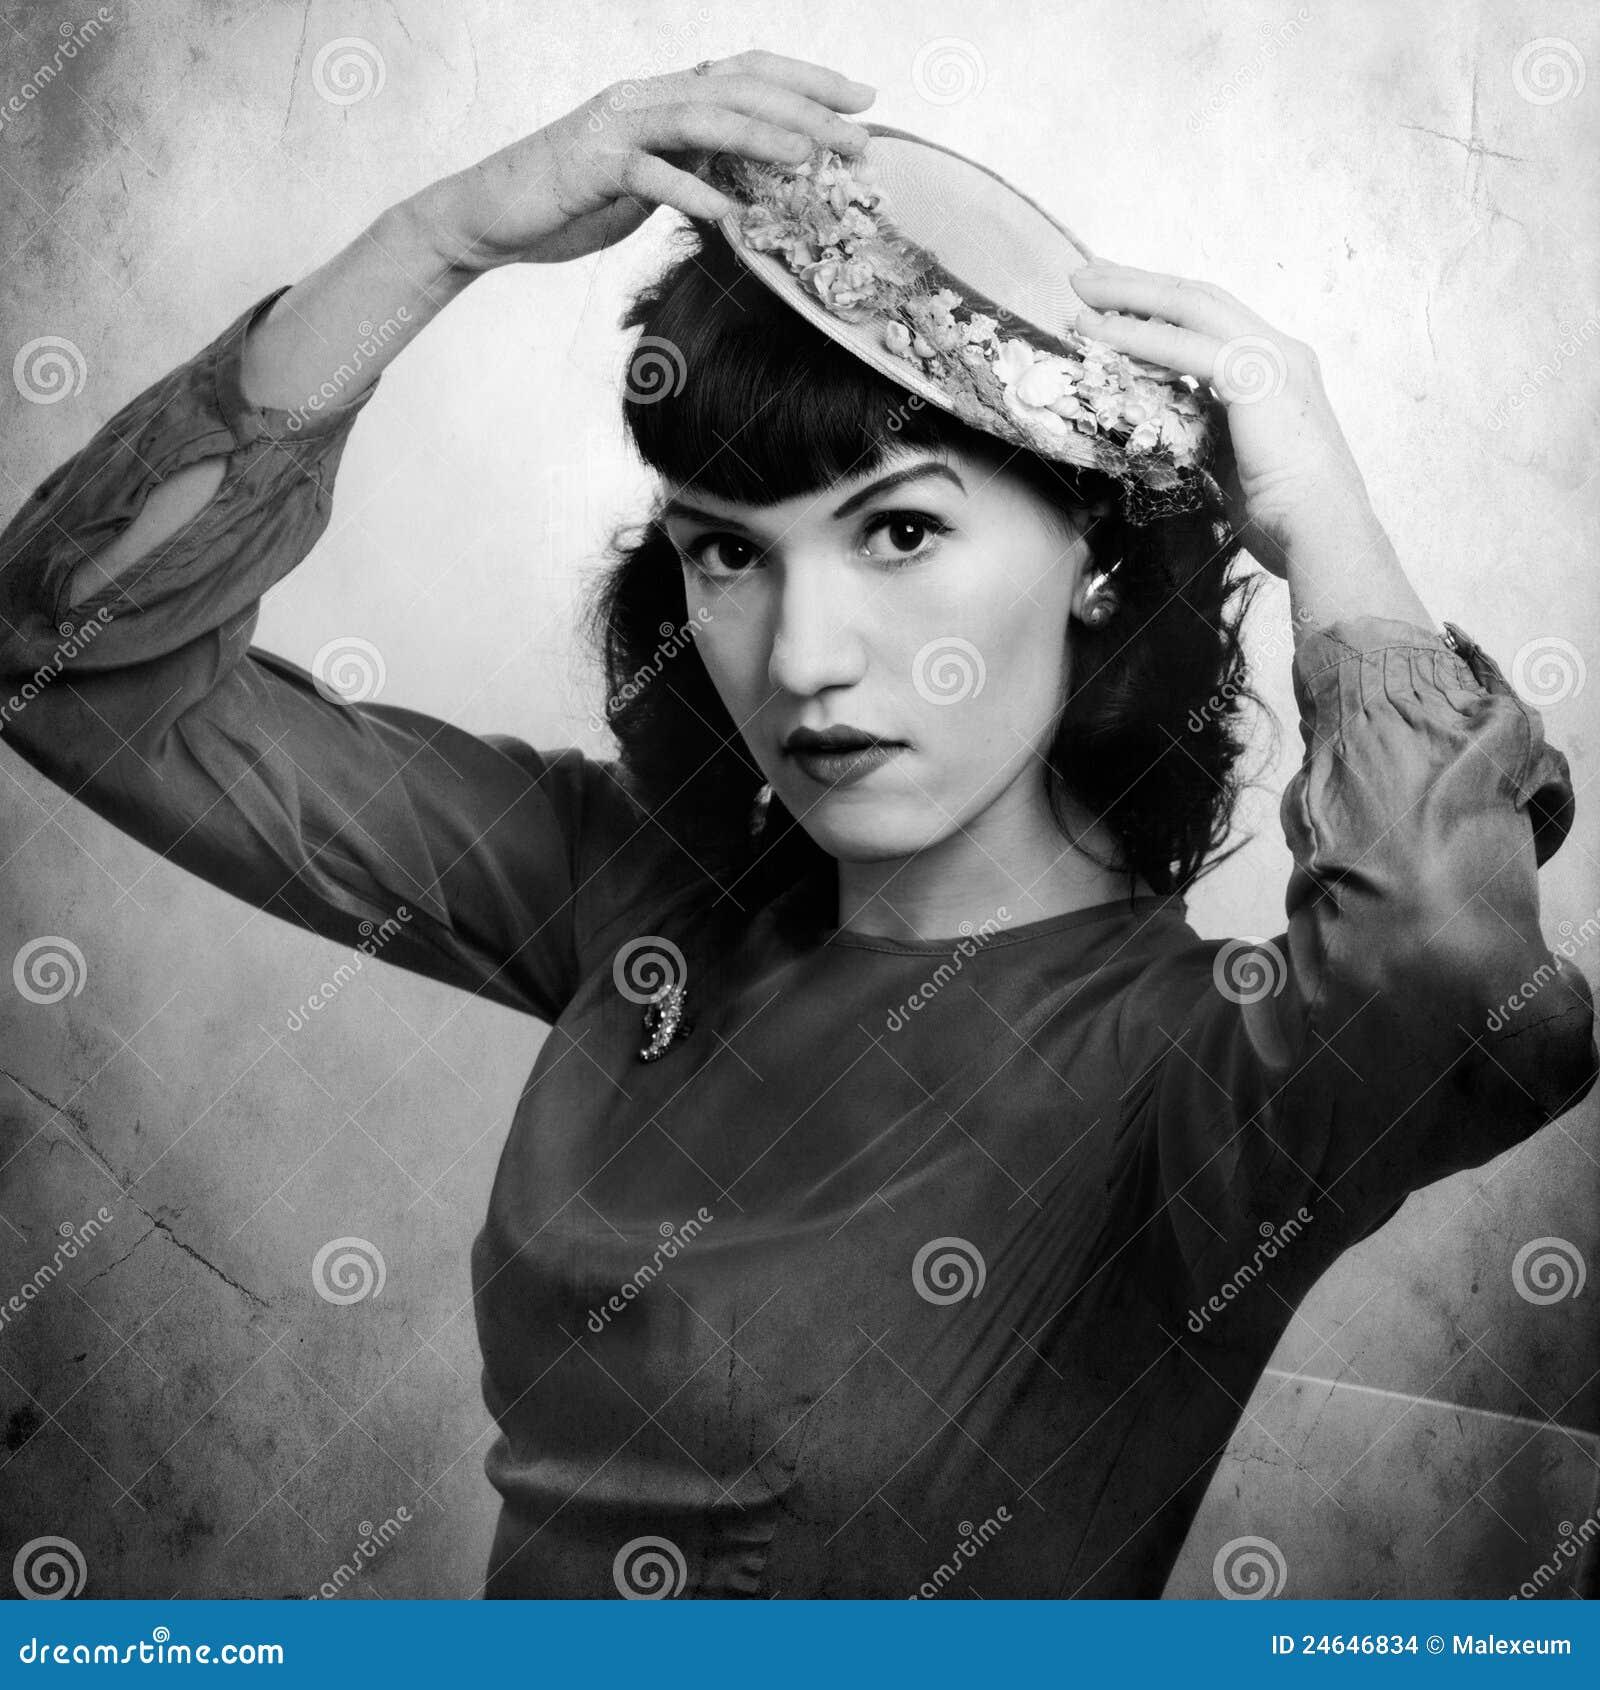 Retro Ritratto Della Donna In 1920 Immagini Stock - 1920 Hairstyle